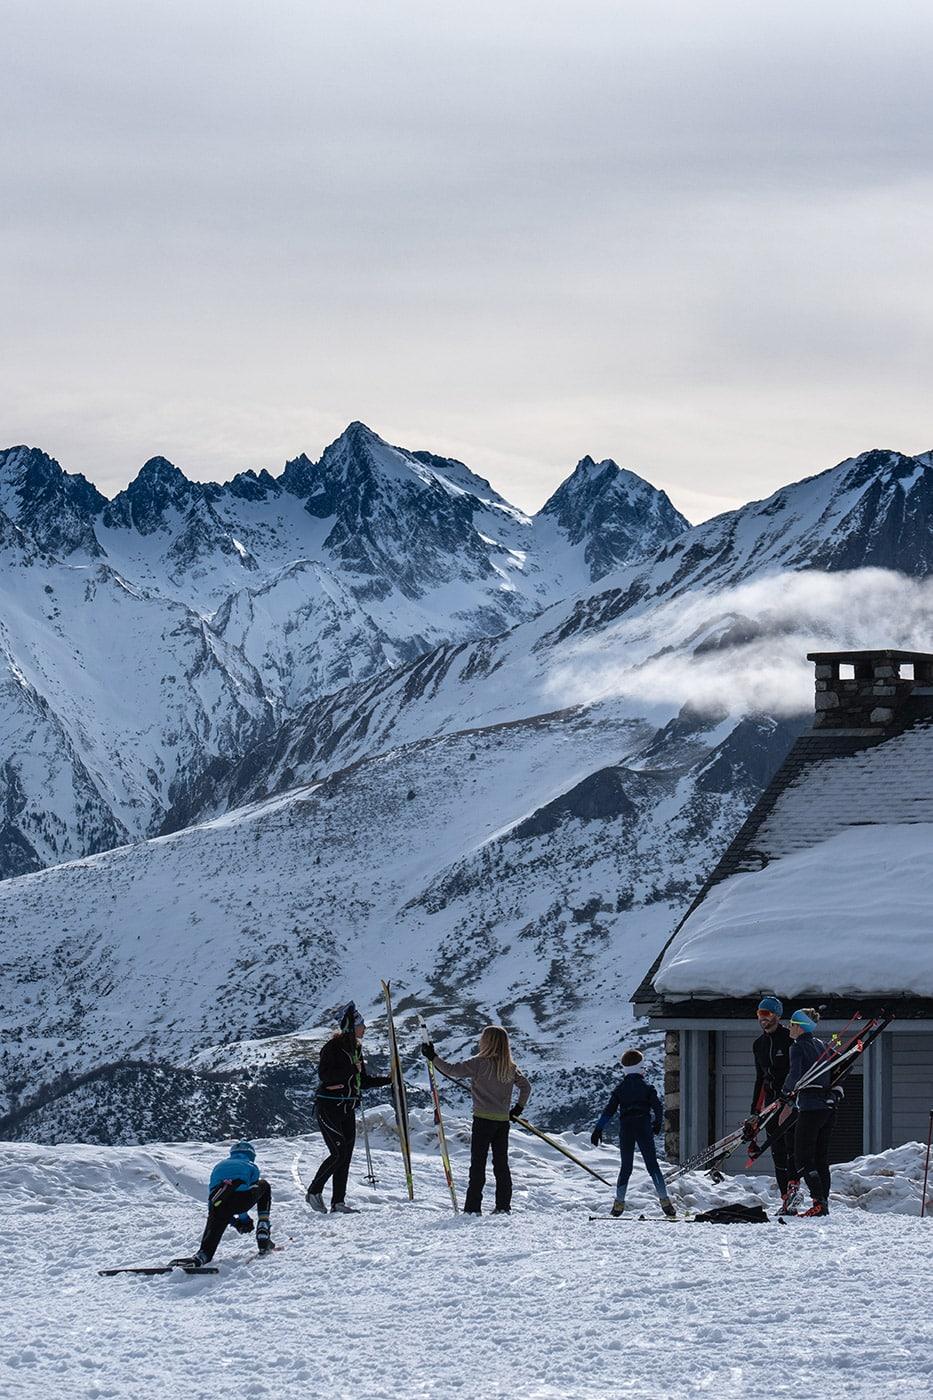 Station de ski nordique du val d'azun au col de couraduque